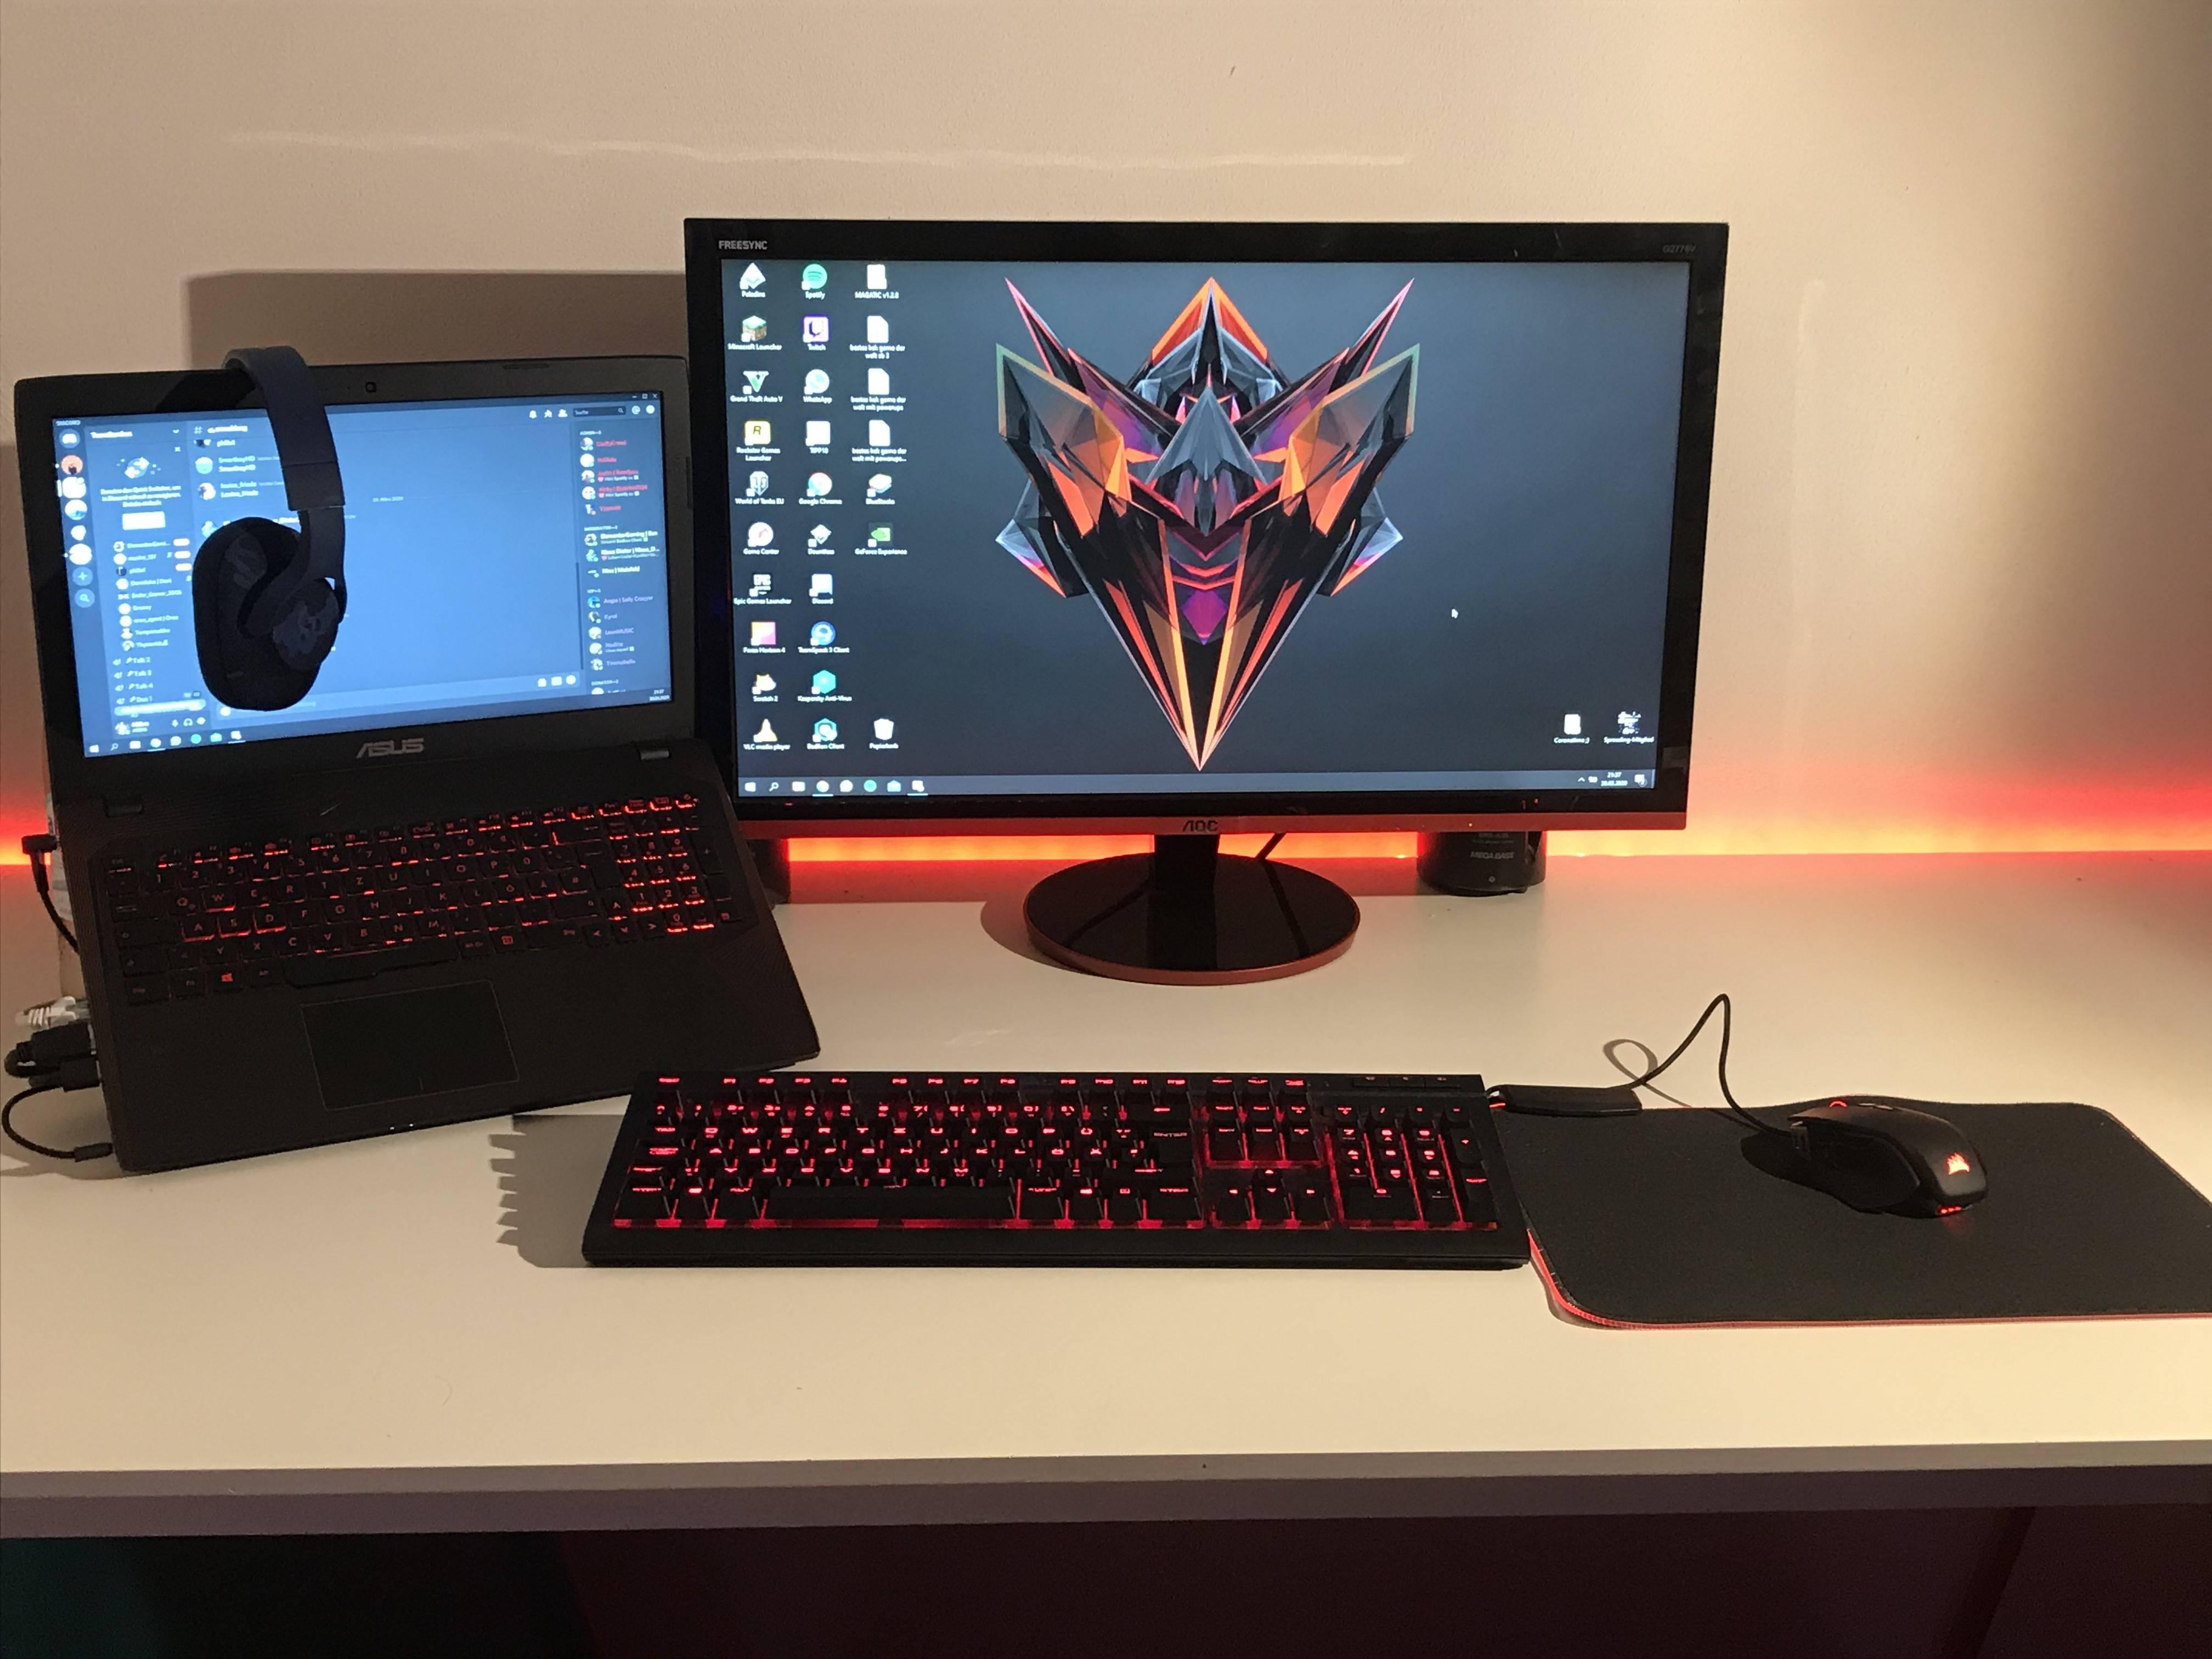 Moehre8427's Setup - Black and Red laptop setup | Scooget